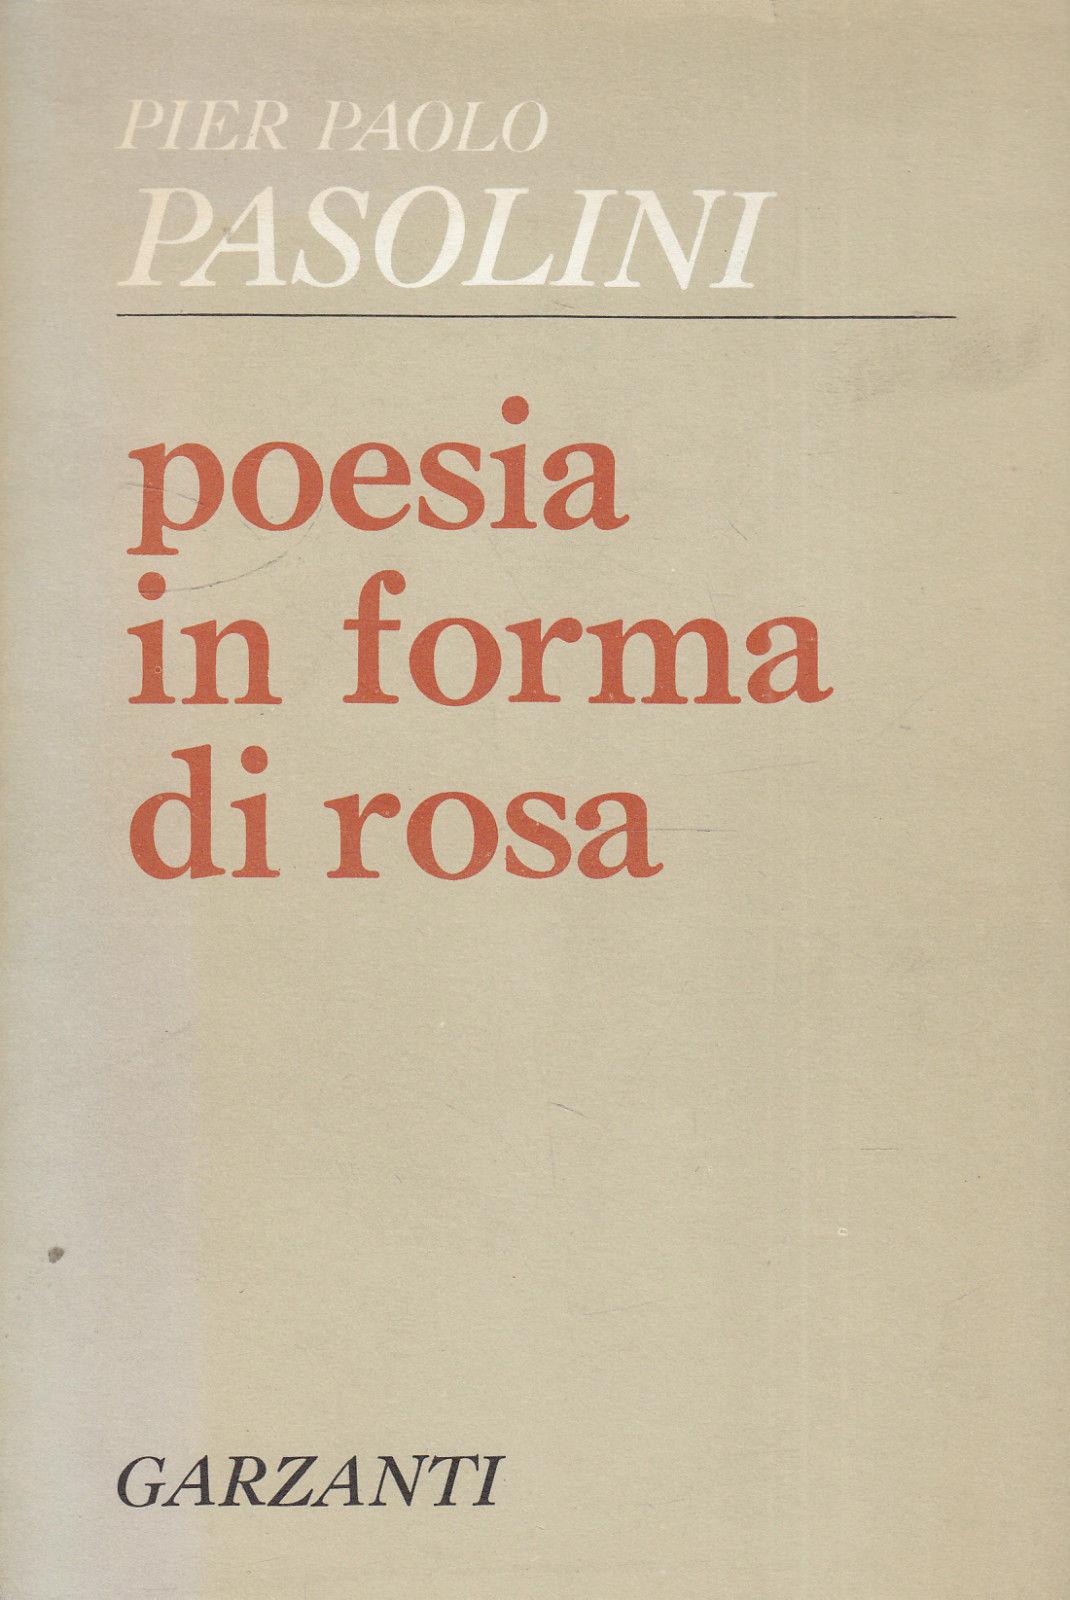 Poesia in forma di rosa di Pier Paolo Pasolini – Prima edizione e  Edizione riveduta 1964